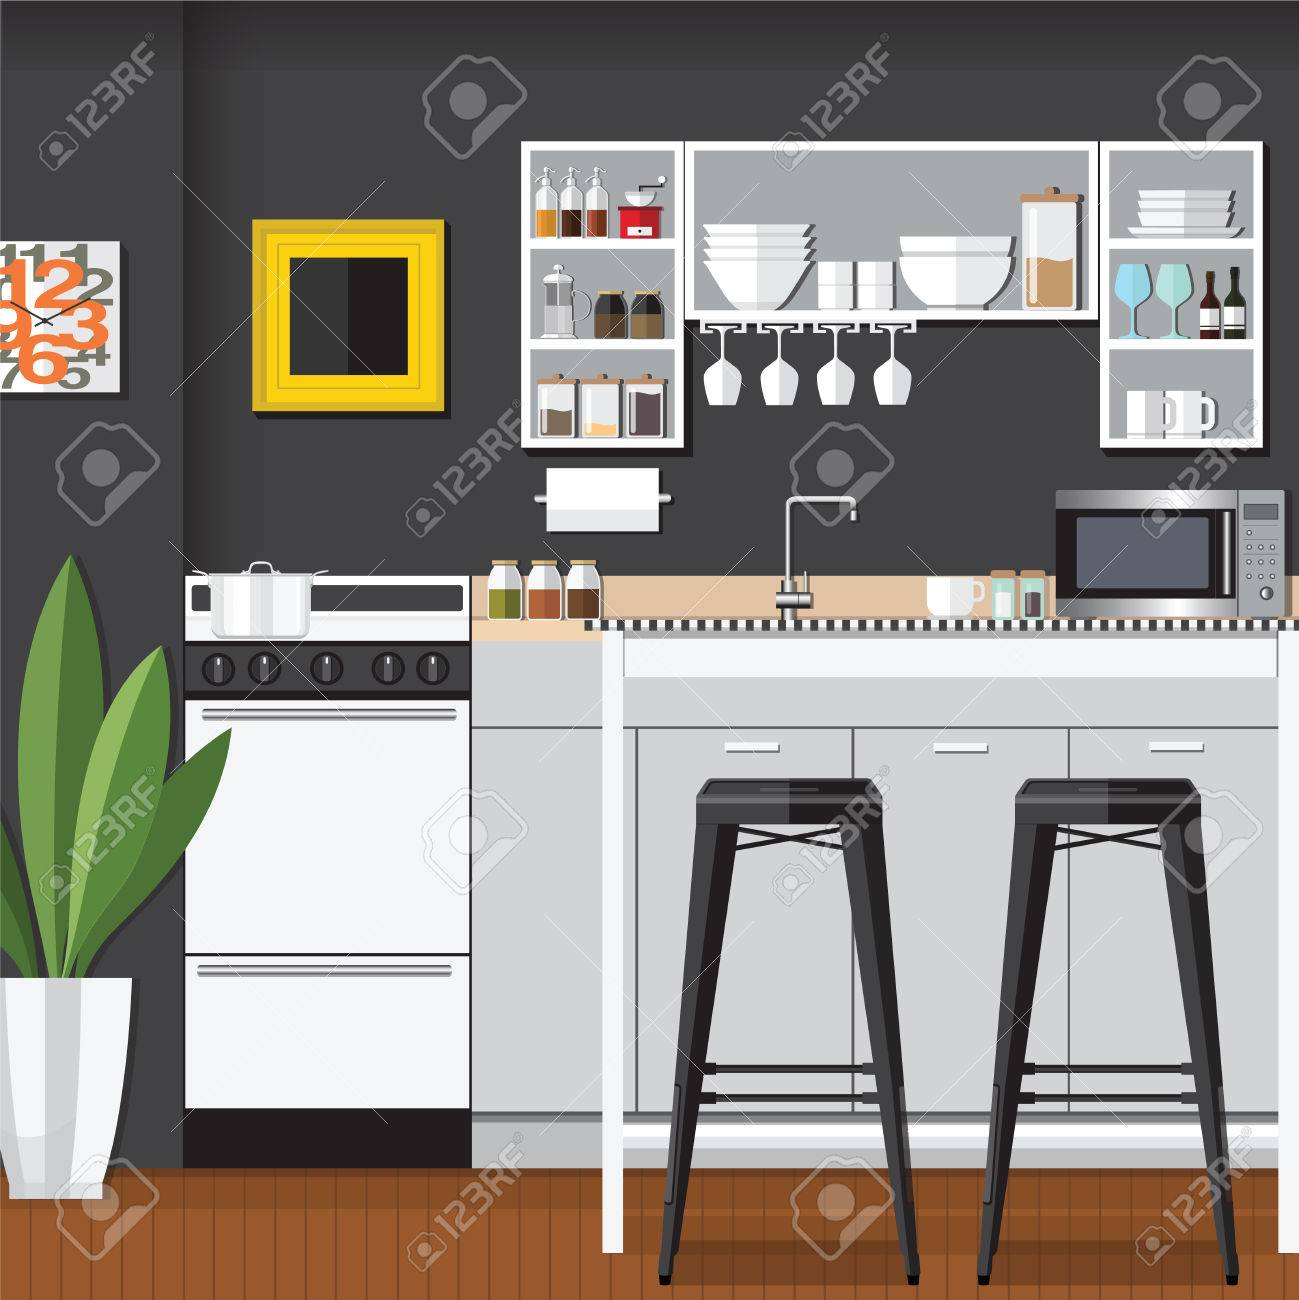 Modern Flat Design Küchen-Bar Inter Illustration Lizenzfrei Nutzbare ...